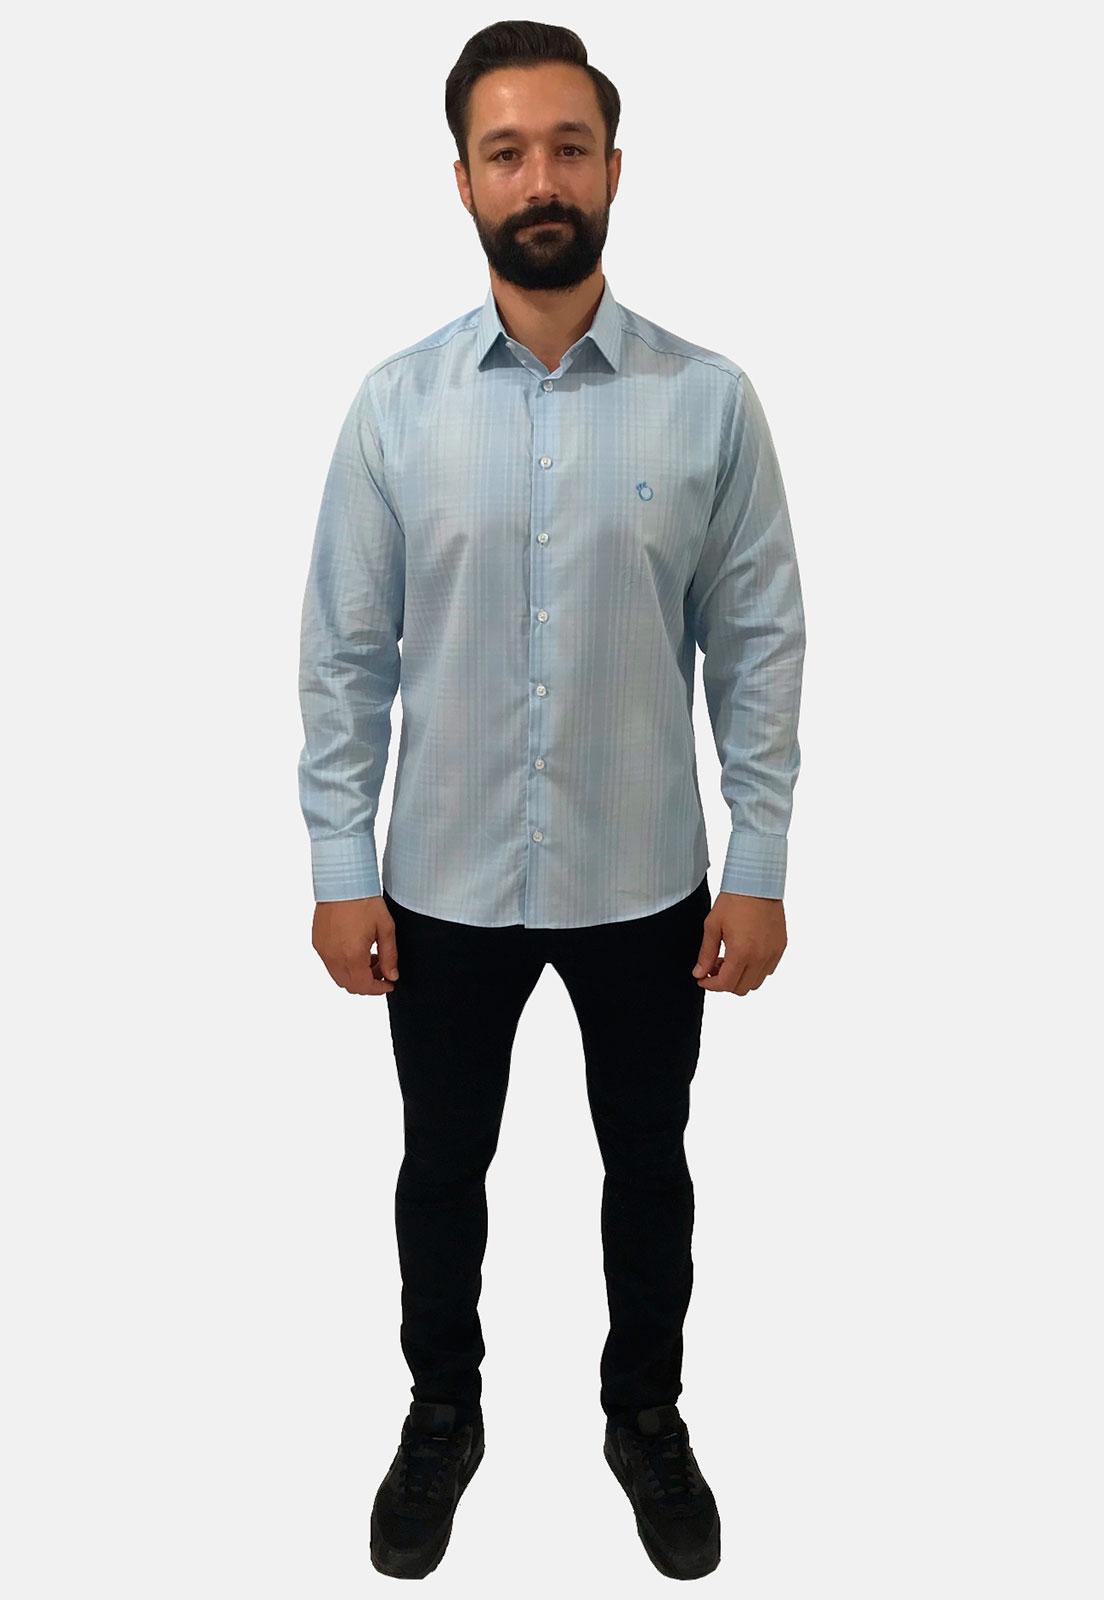 Camisa Social Slim Masculina Olimpo Xadrez Manga Longa